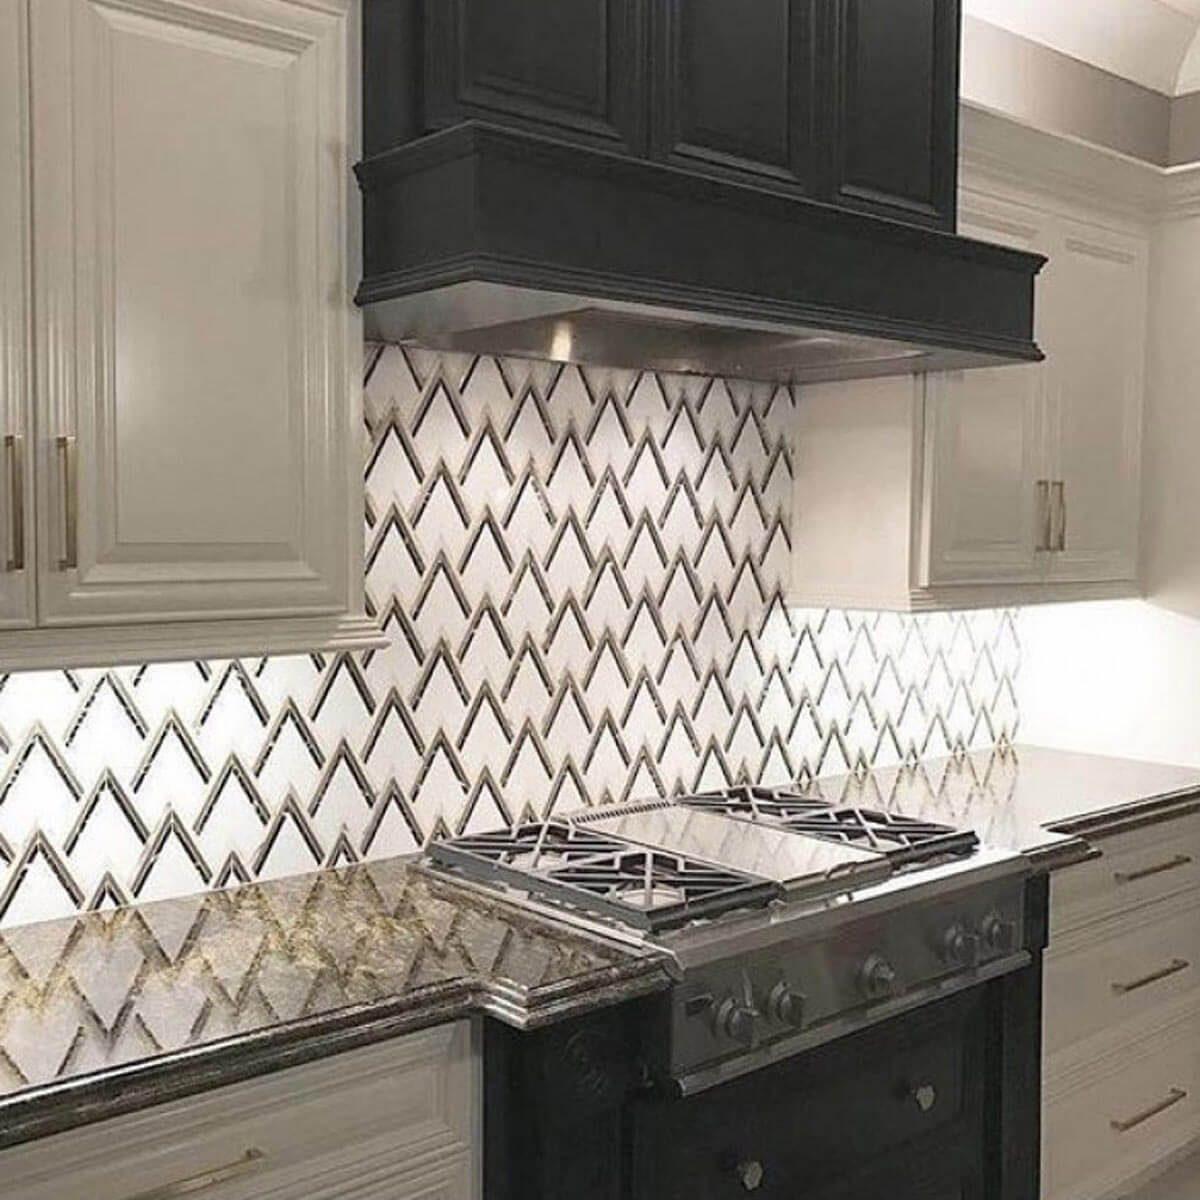 kitchen backspash hanging light 30 backsplash ideas taste of home with an art deco style